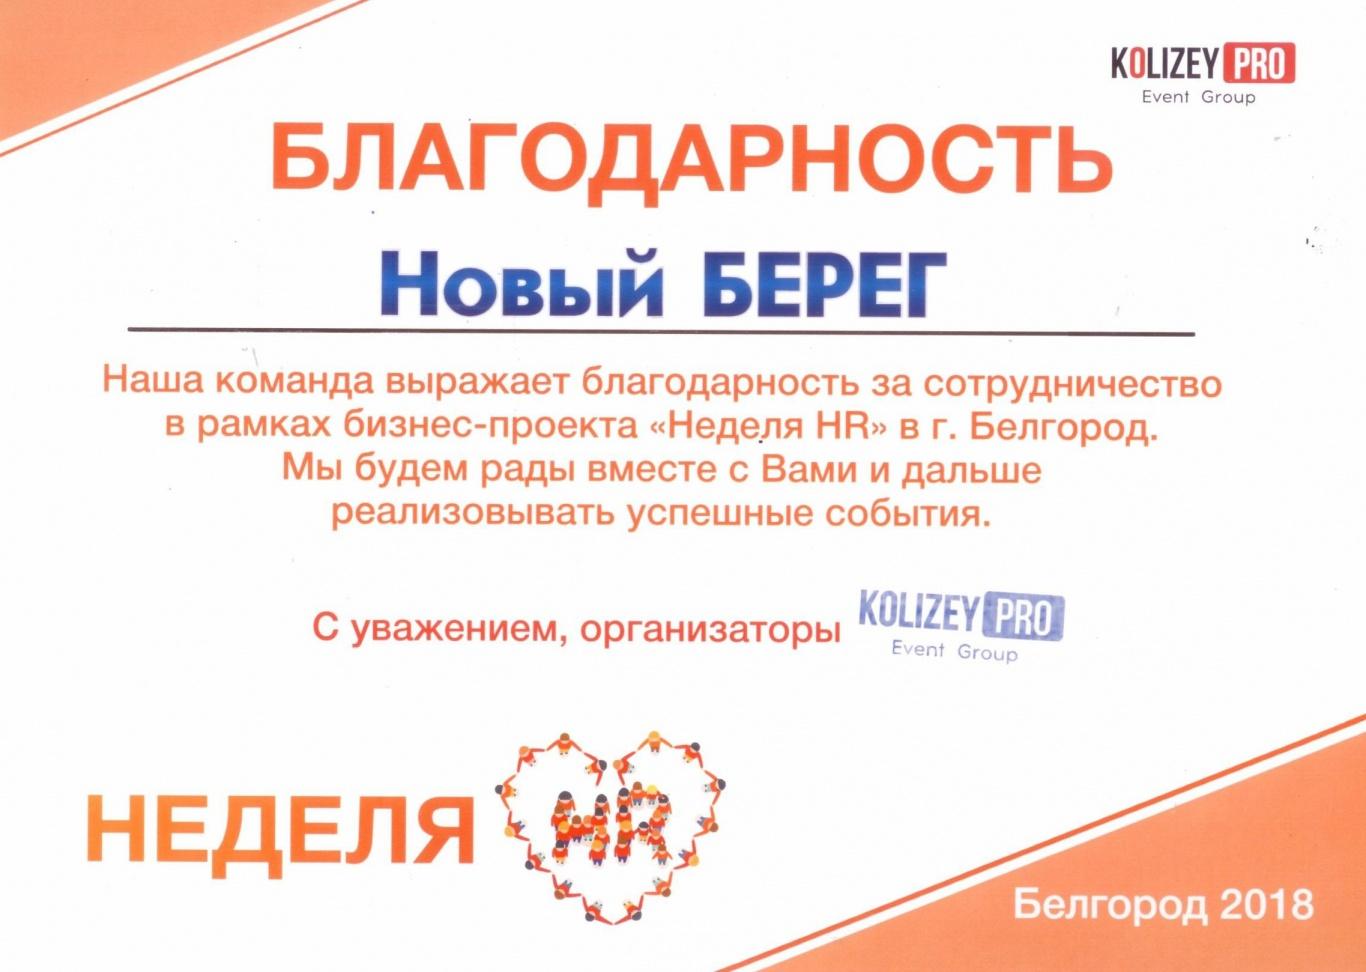 Благодарность KOLIZEY PRO за сотрудничество в рамках бизнес-проекта